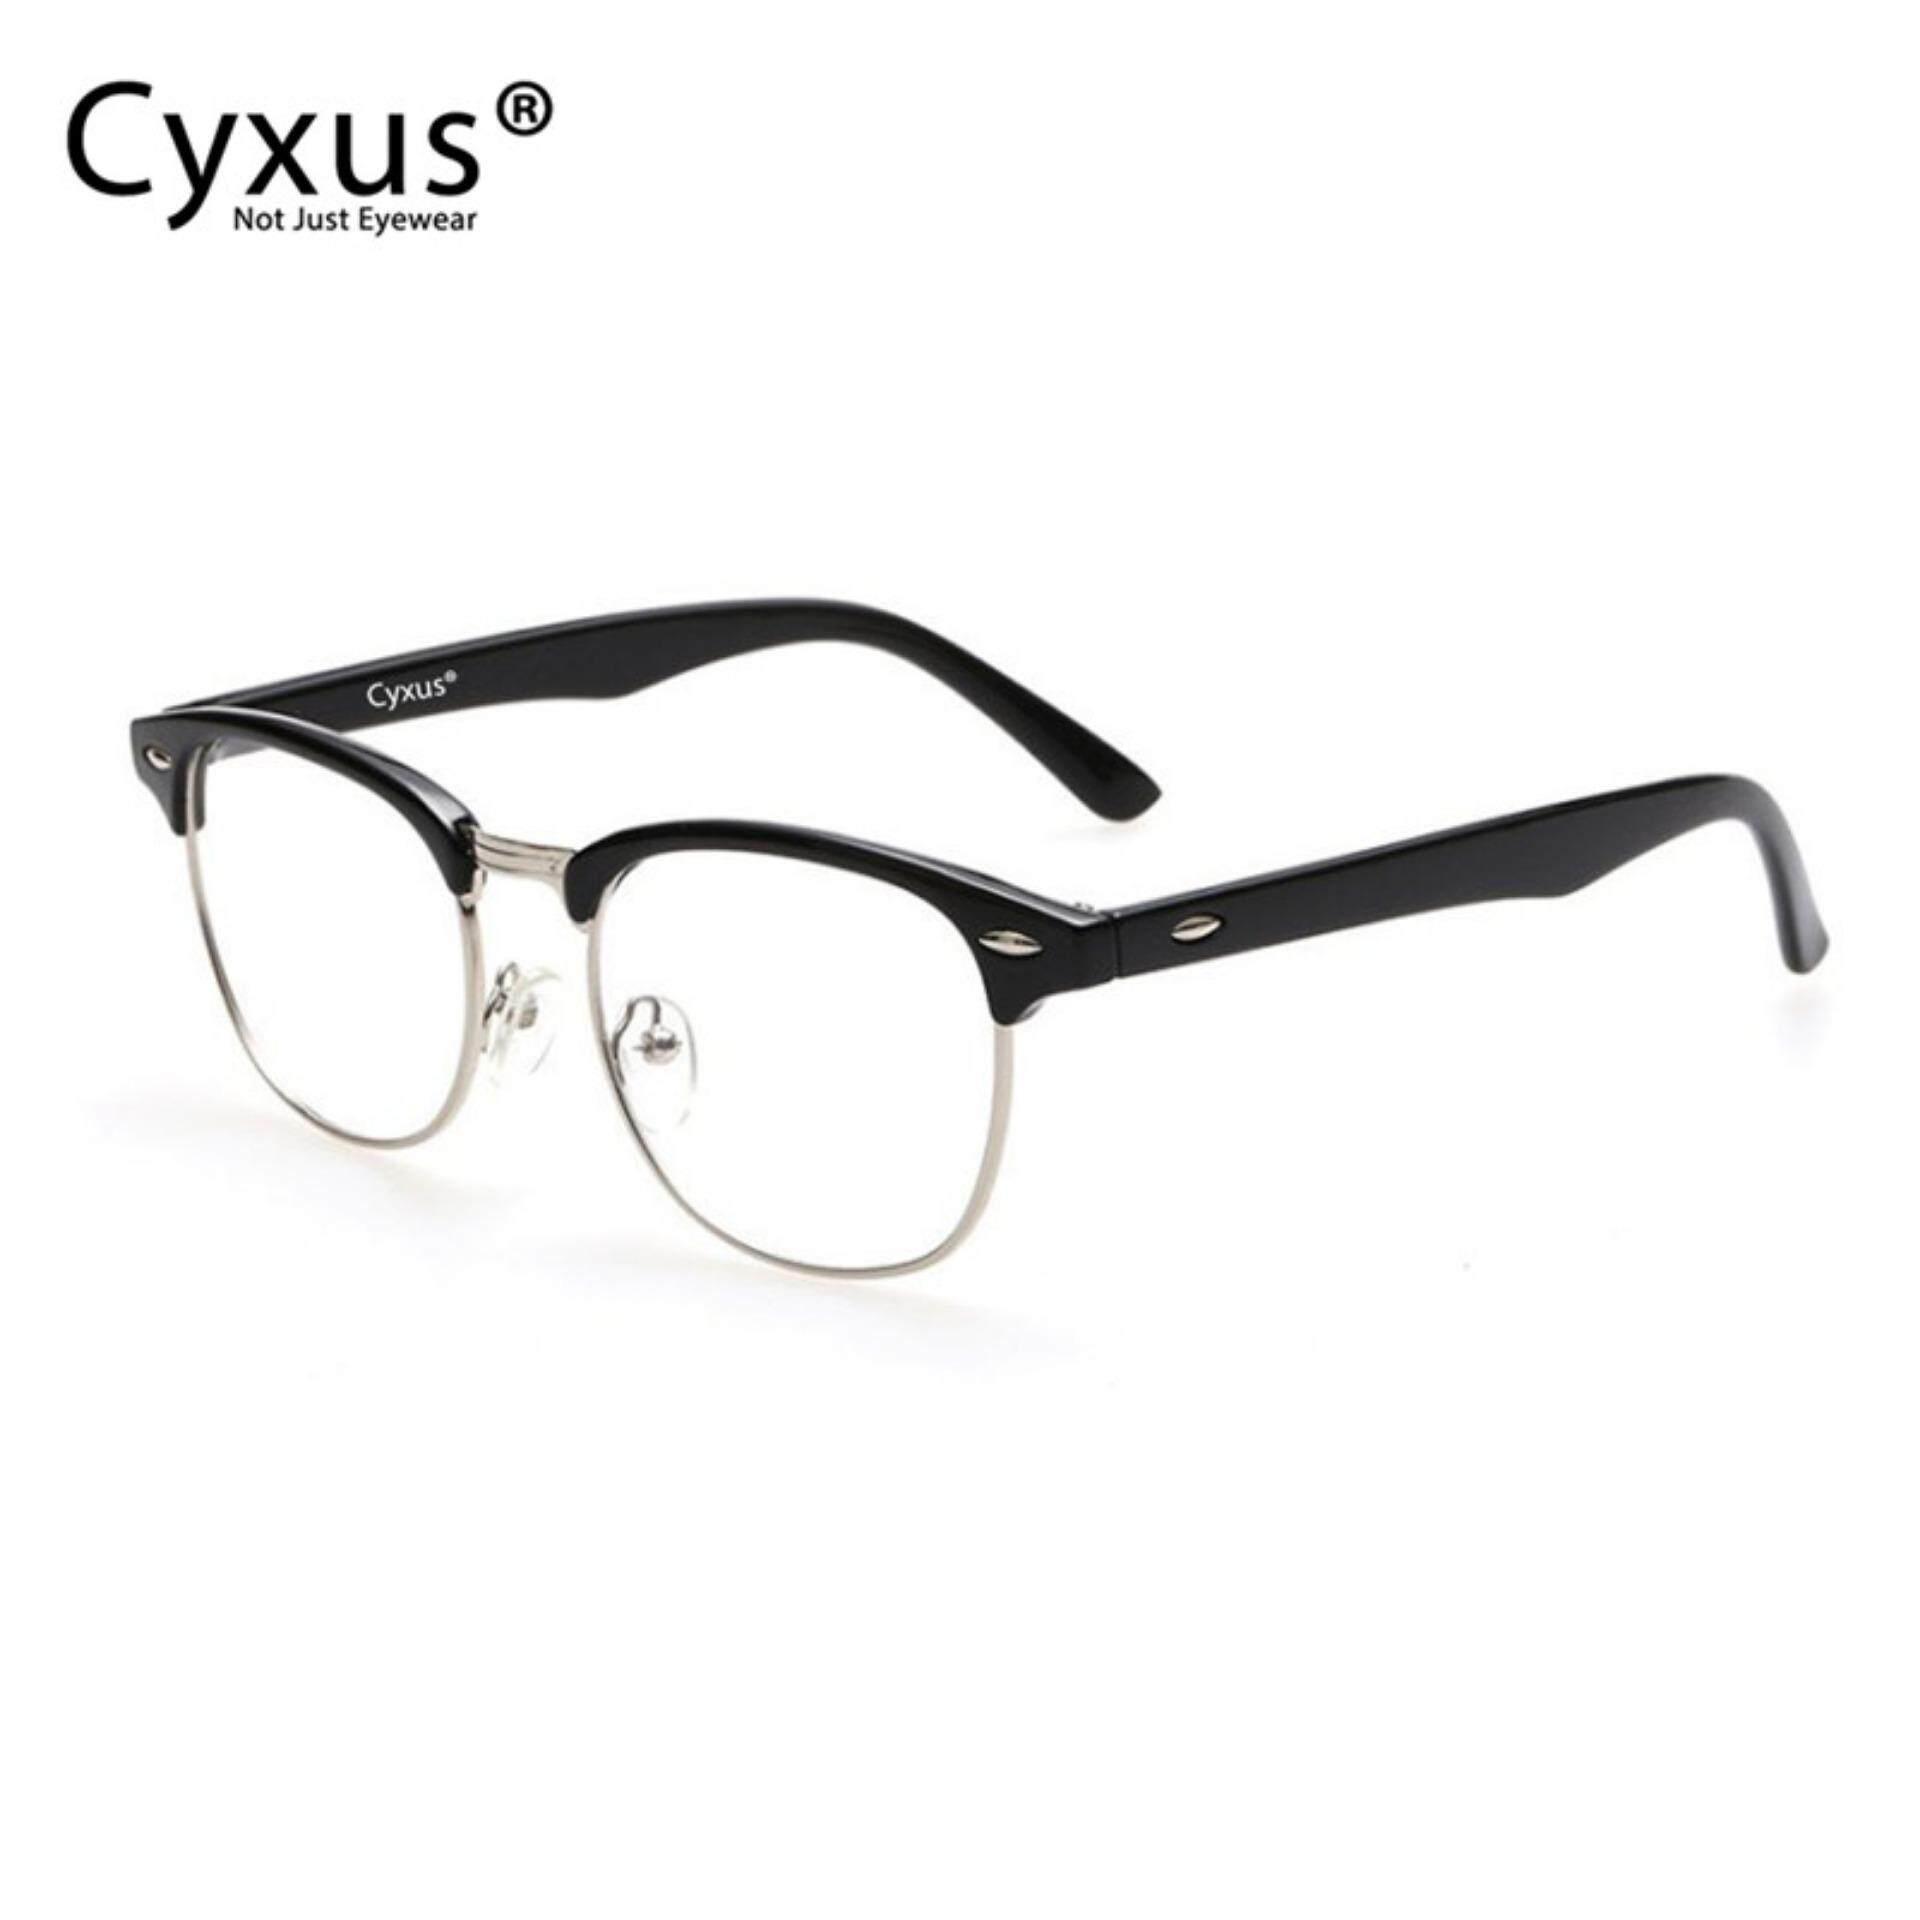 ขาย Cyxus ครึ่งกรอบแว่นกันแสงสีฟ้าแว่นสำหรับคอมพิวเตอร์ป้องกันการเมื่อยล้าของสายตา Cyxus เป็นต้นฉบับ